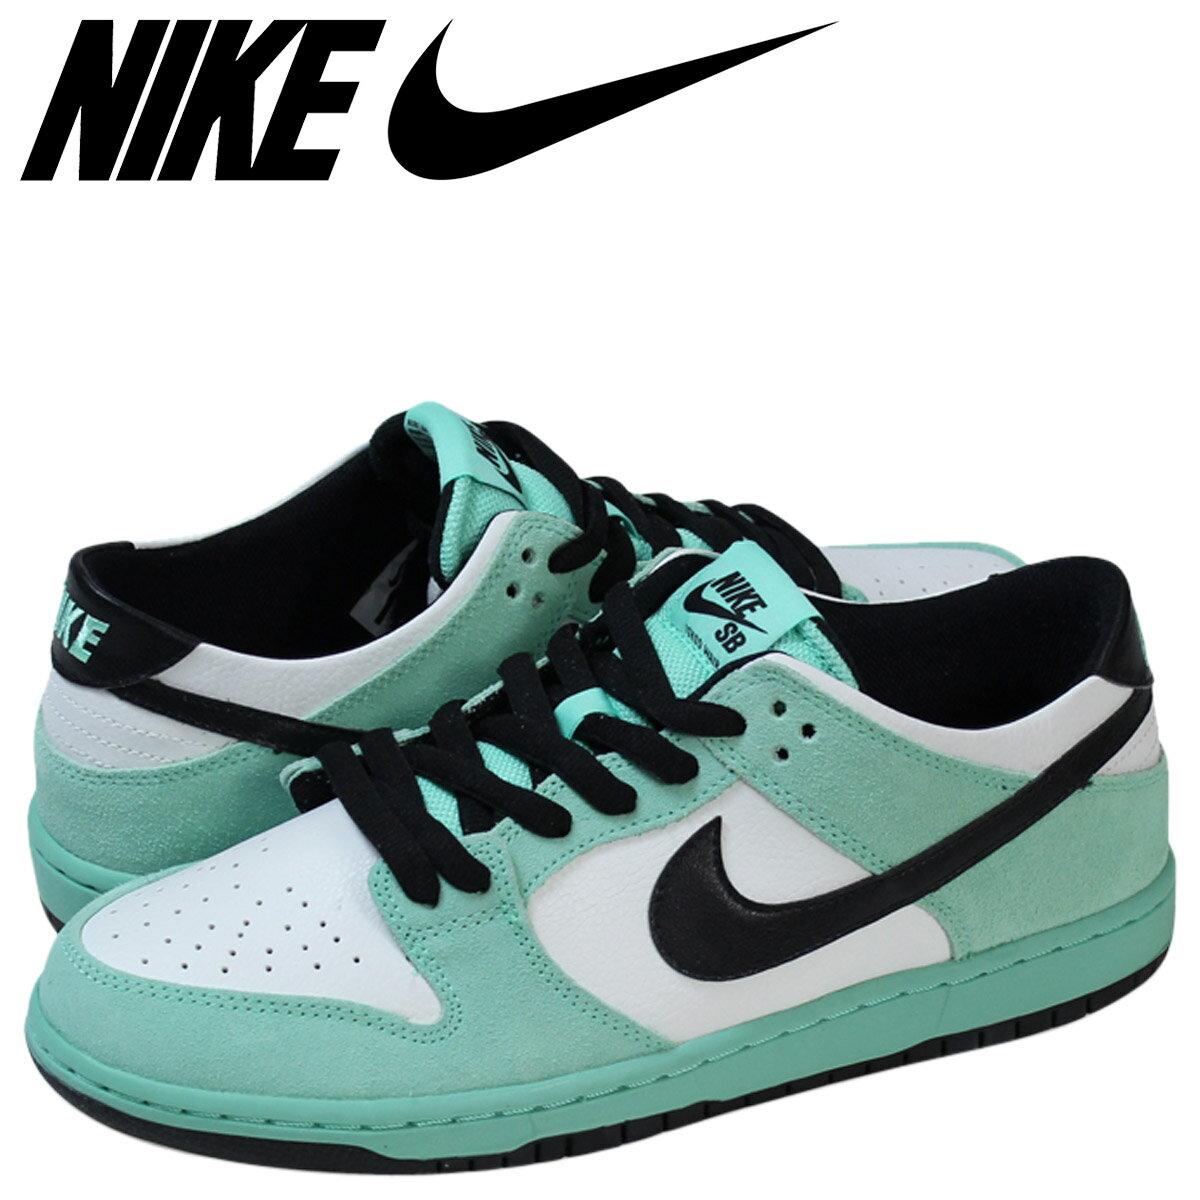 メンズ靴, スニーカー NIKE DUNK LOW SEA CRYSTAL SB 819674-301 zzi